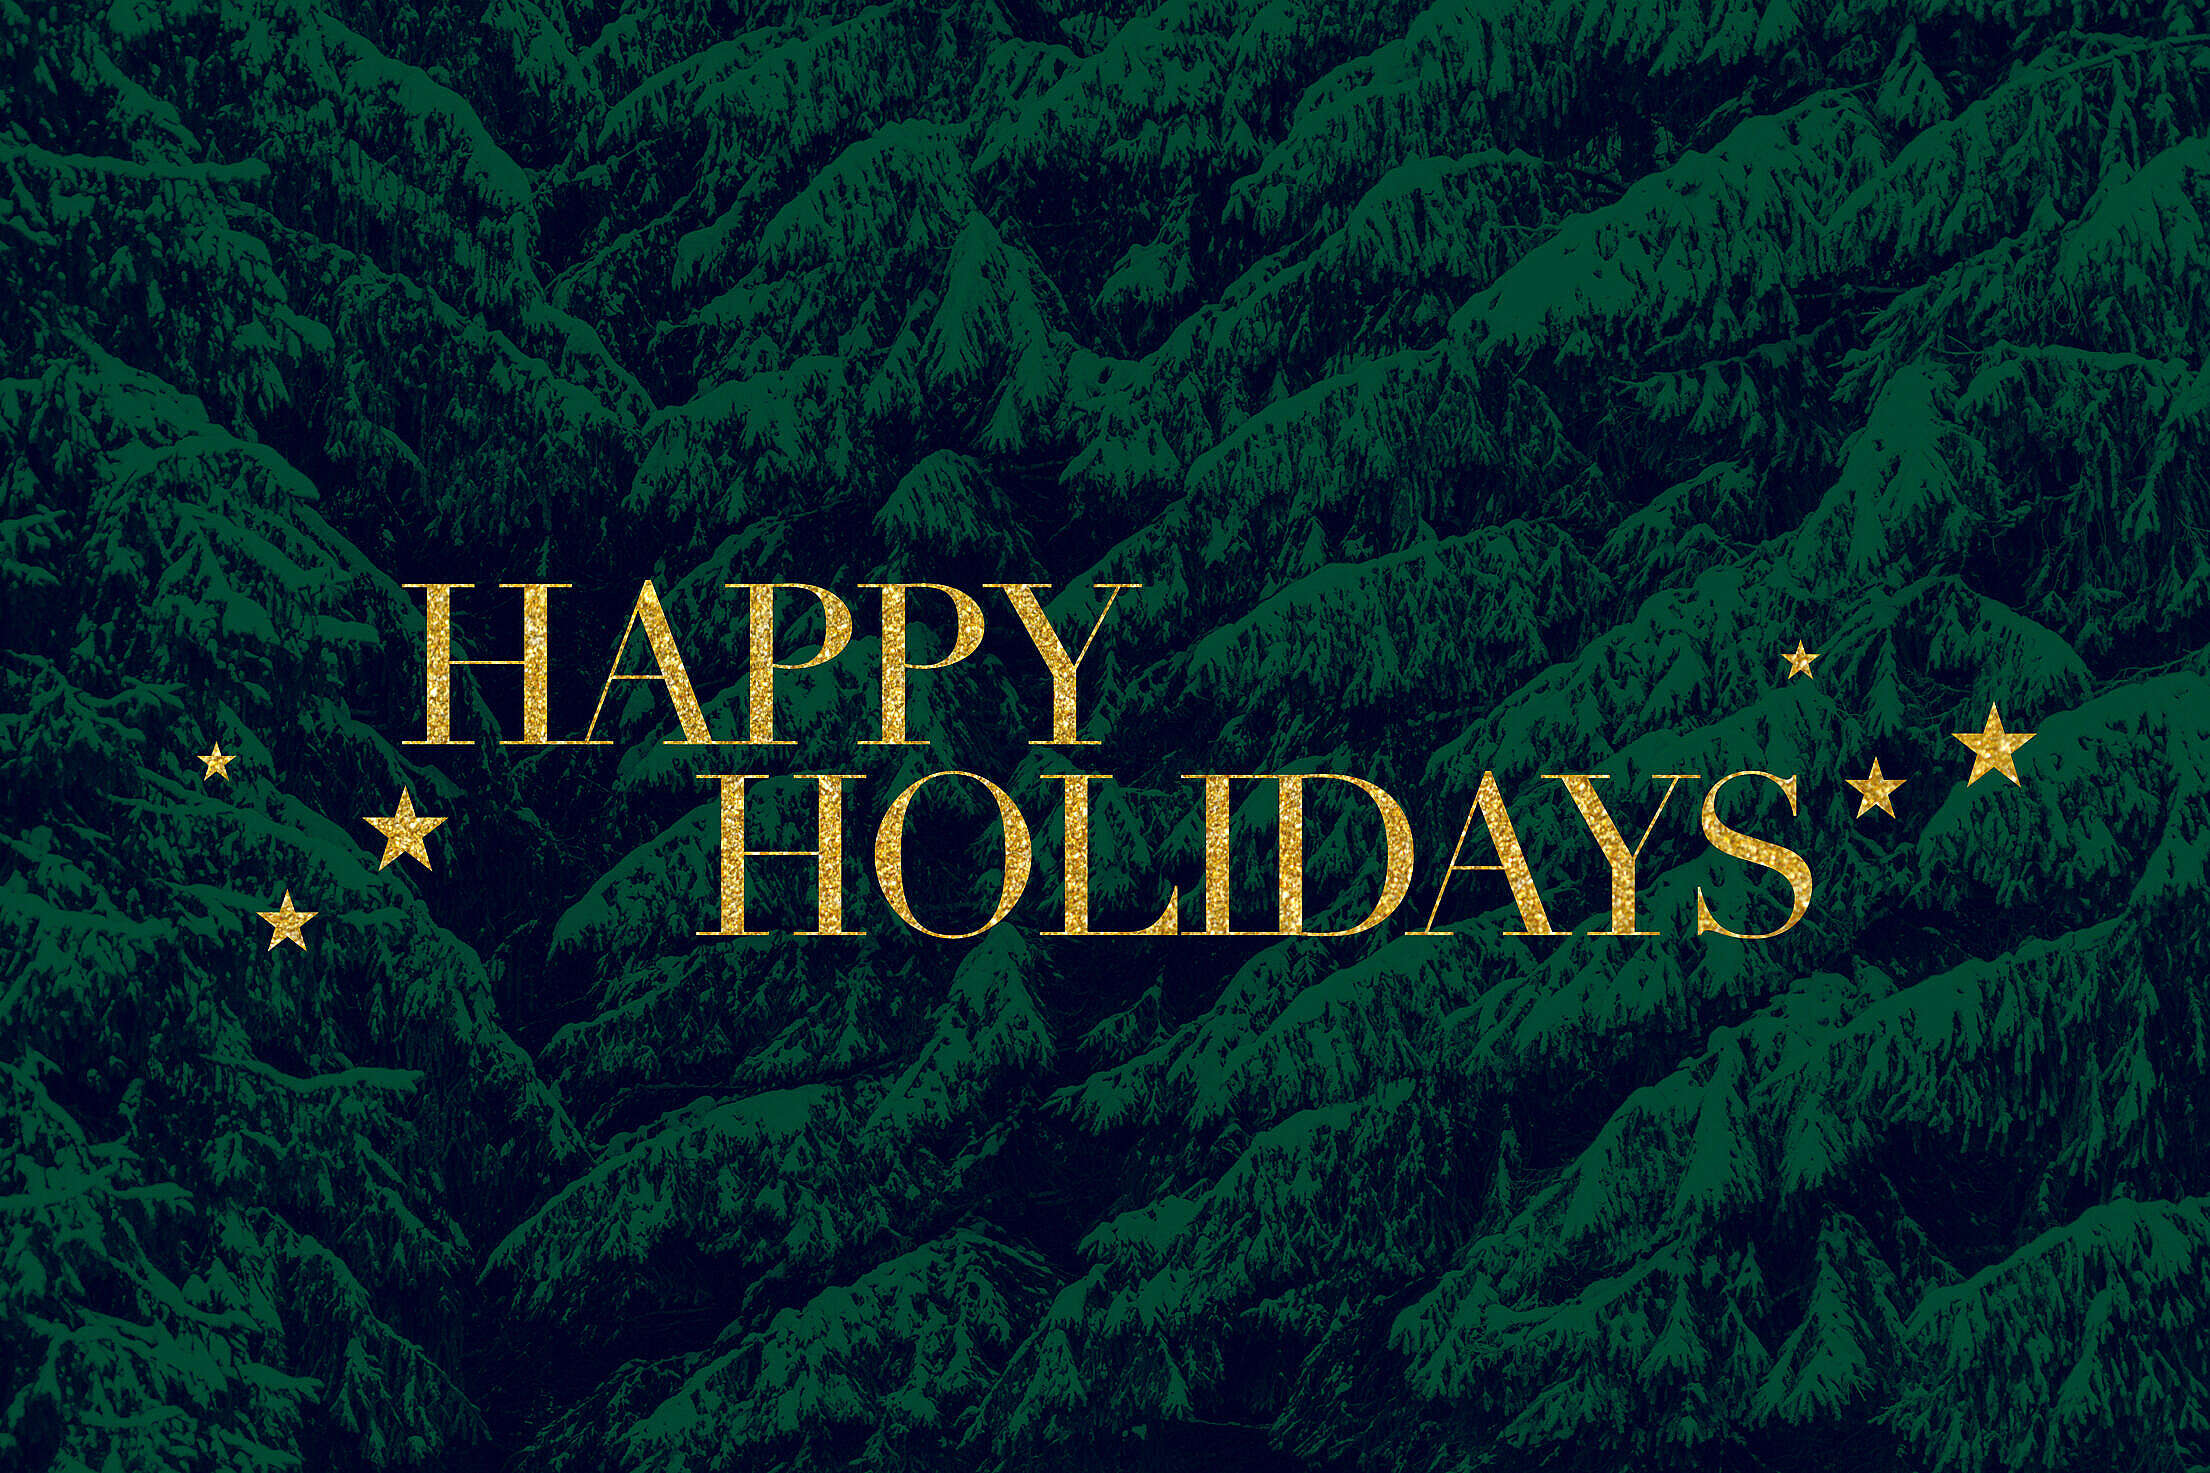 Happy Holidays Card Free Stock Photo